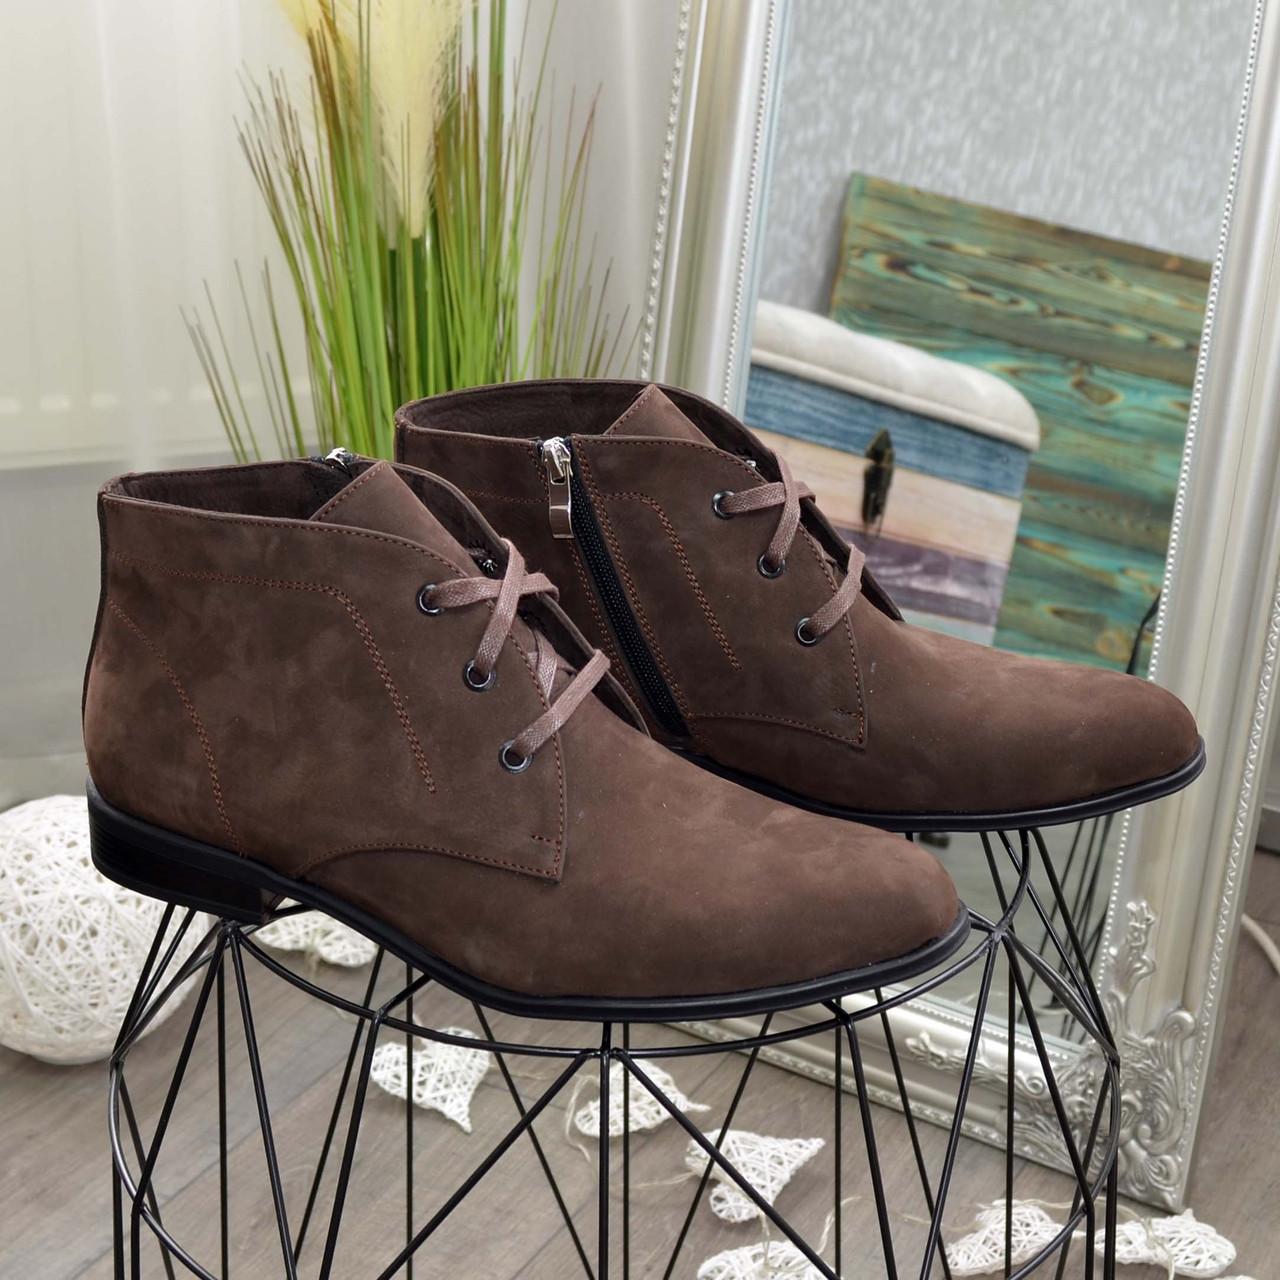 Черевики чоловічі на шнурках, натуральна шкіра нубук коричневого кольору